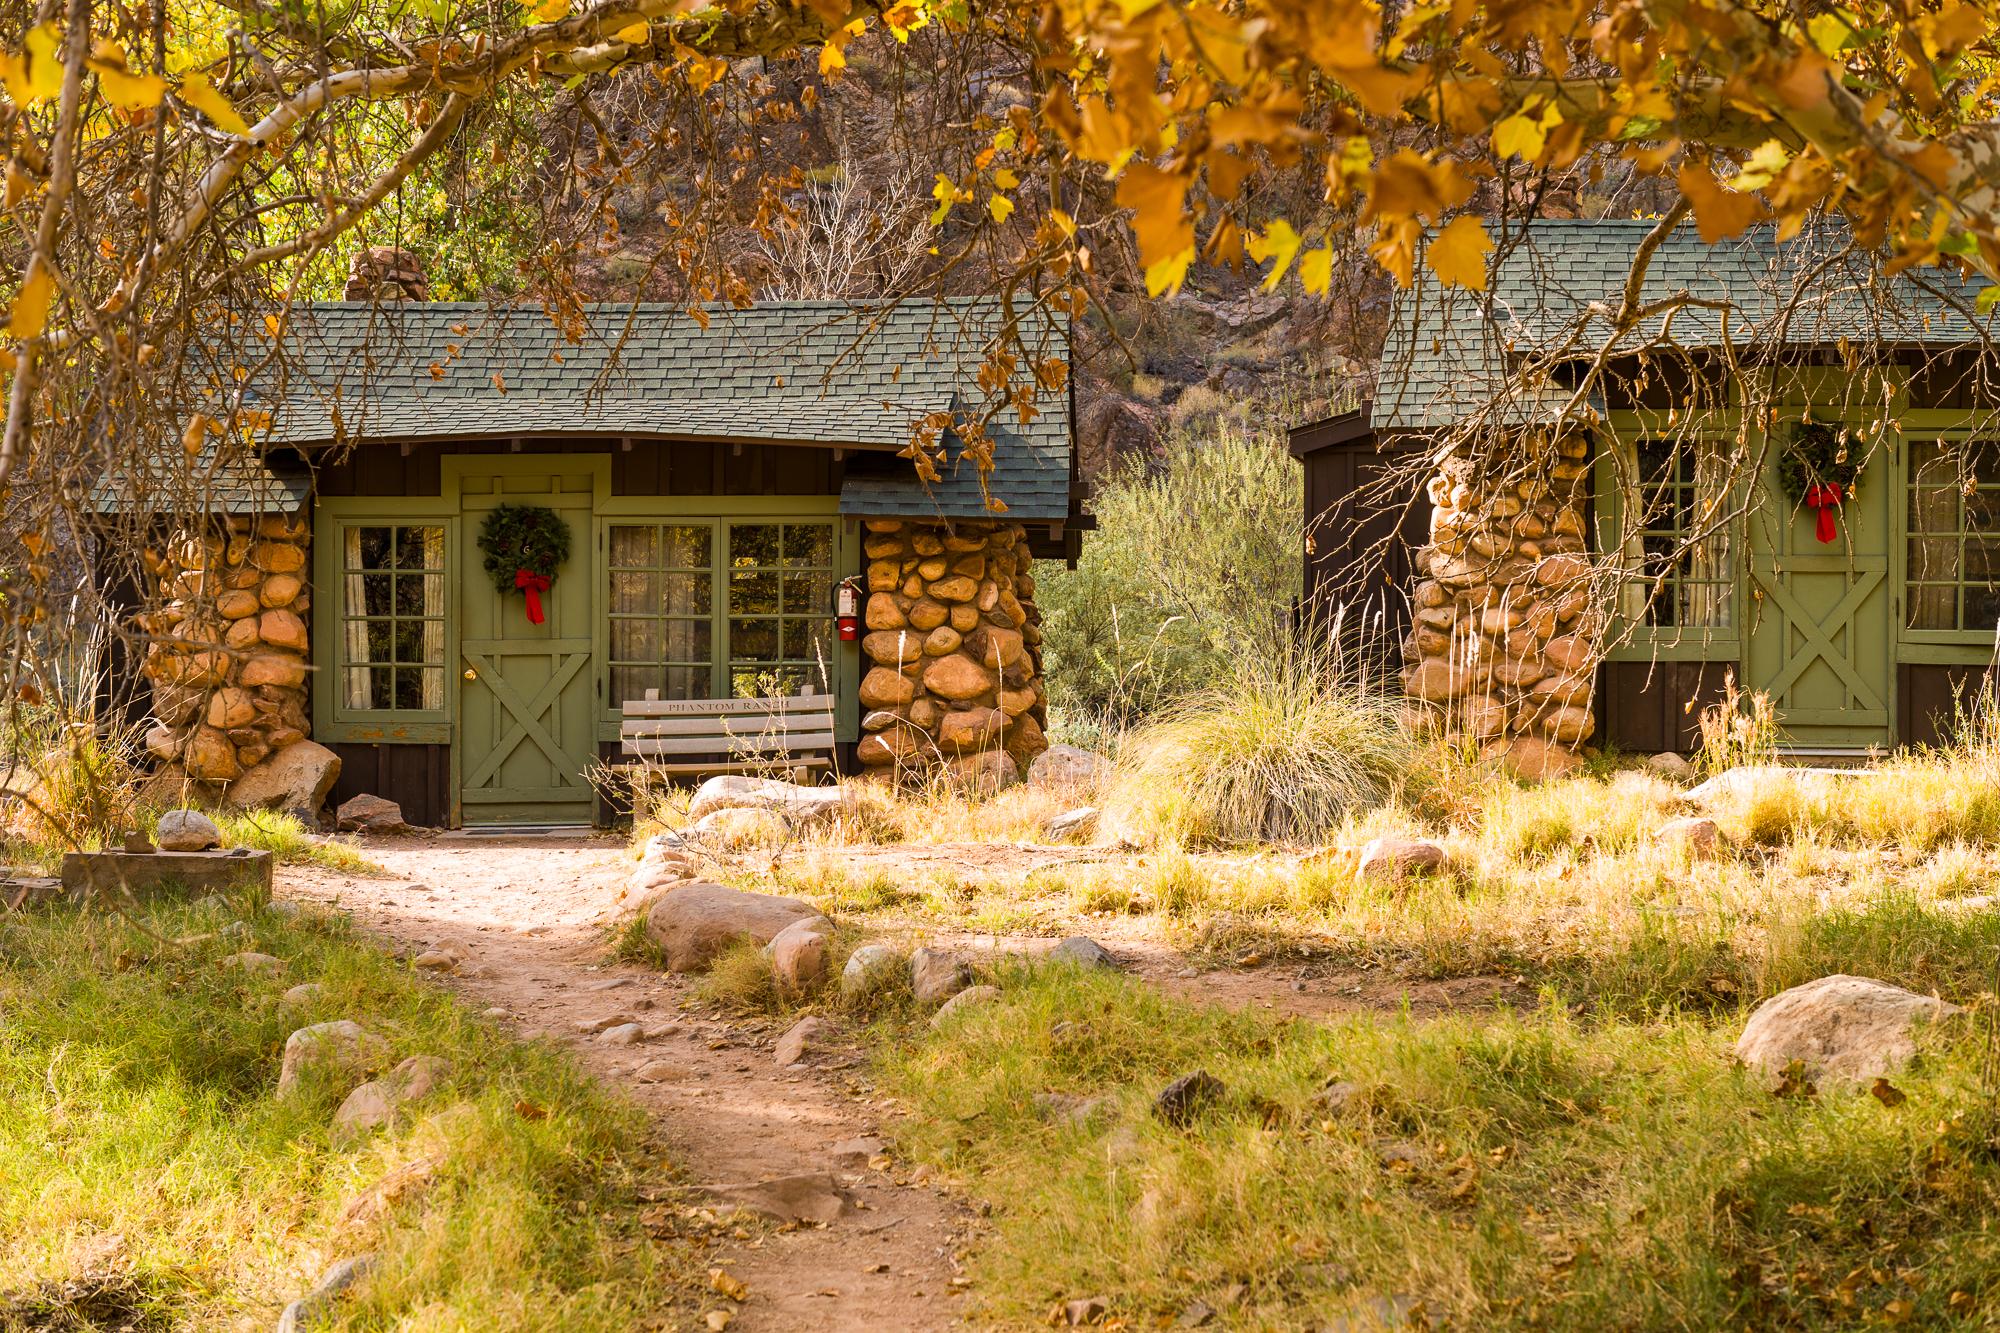 The cabins at Phantom Ranch